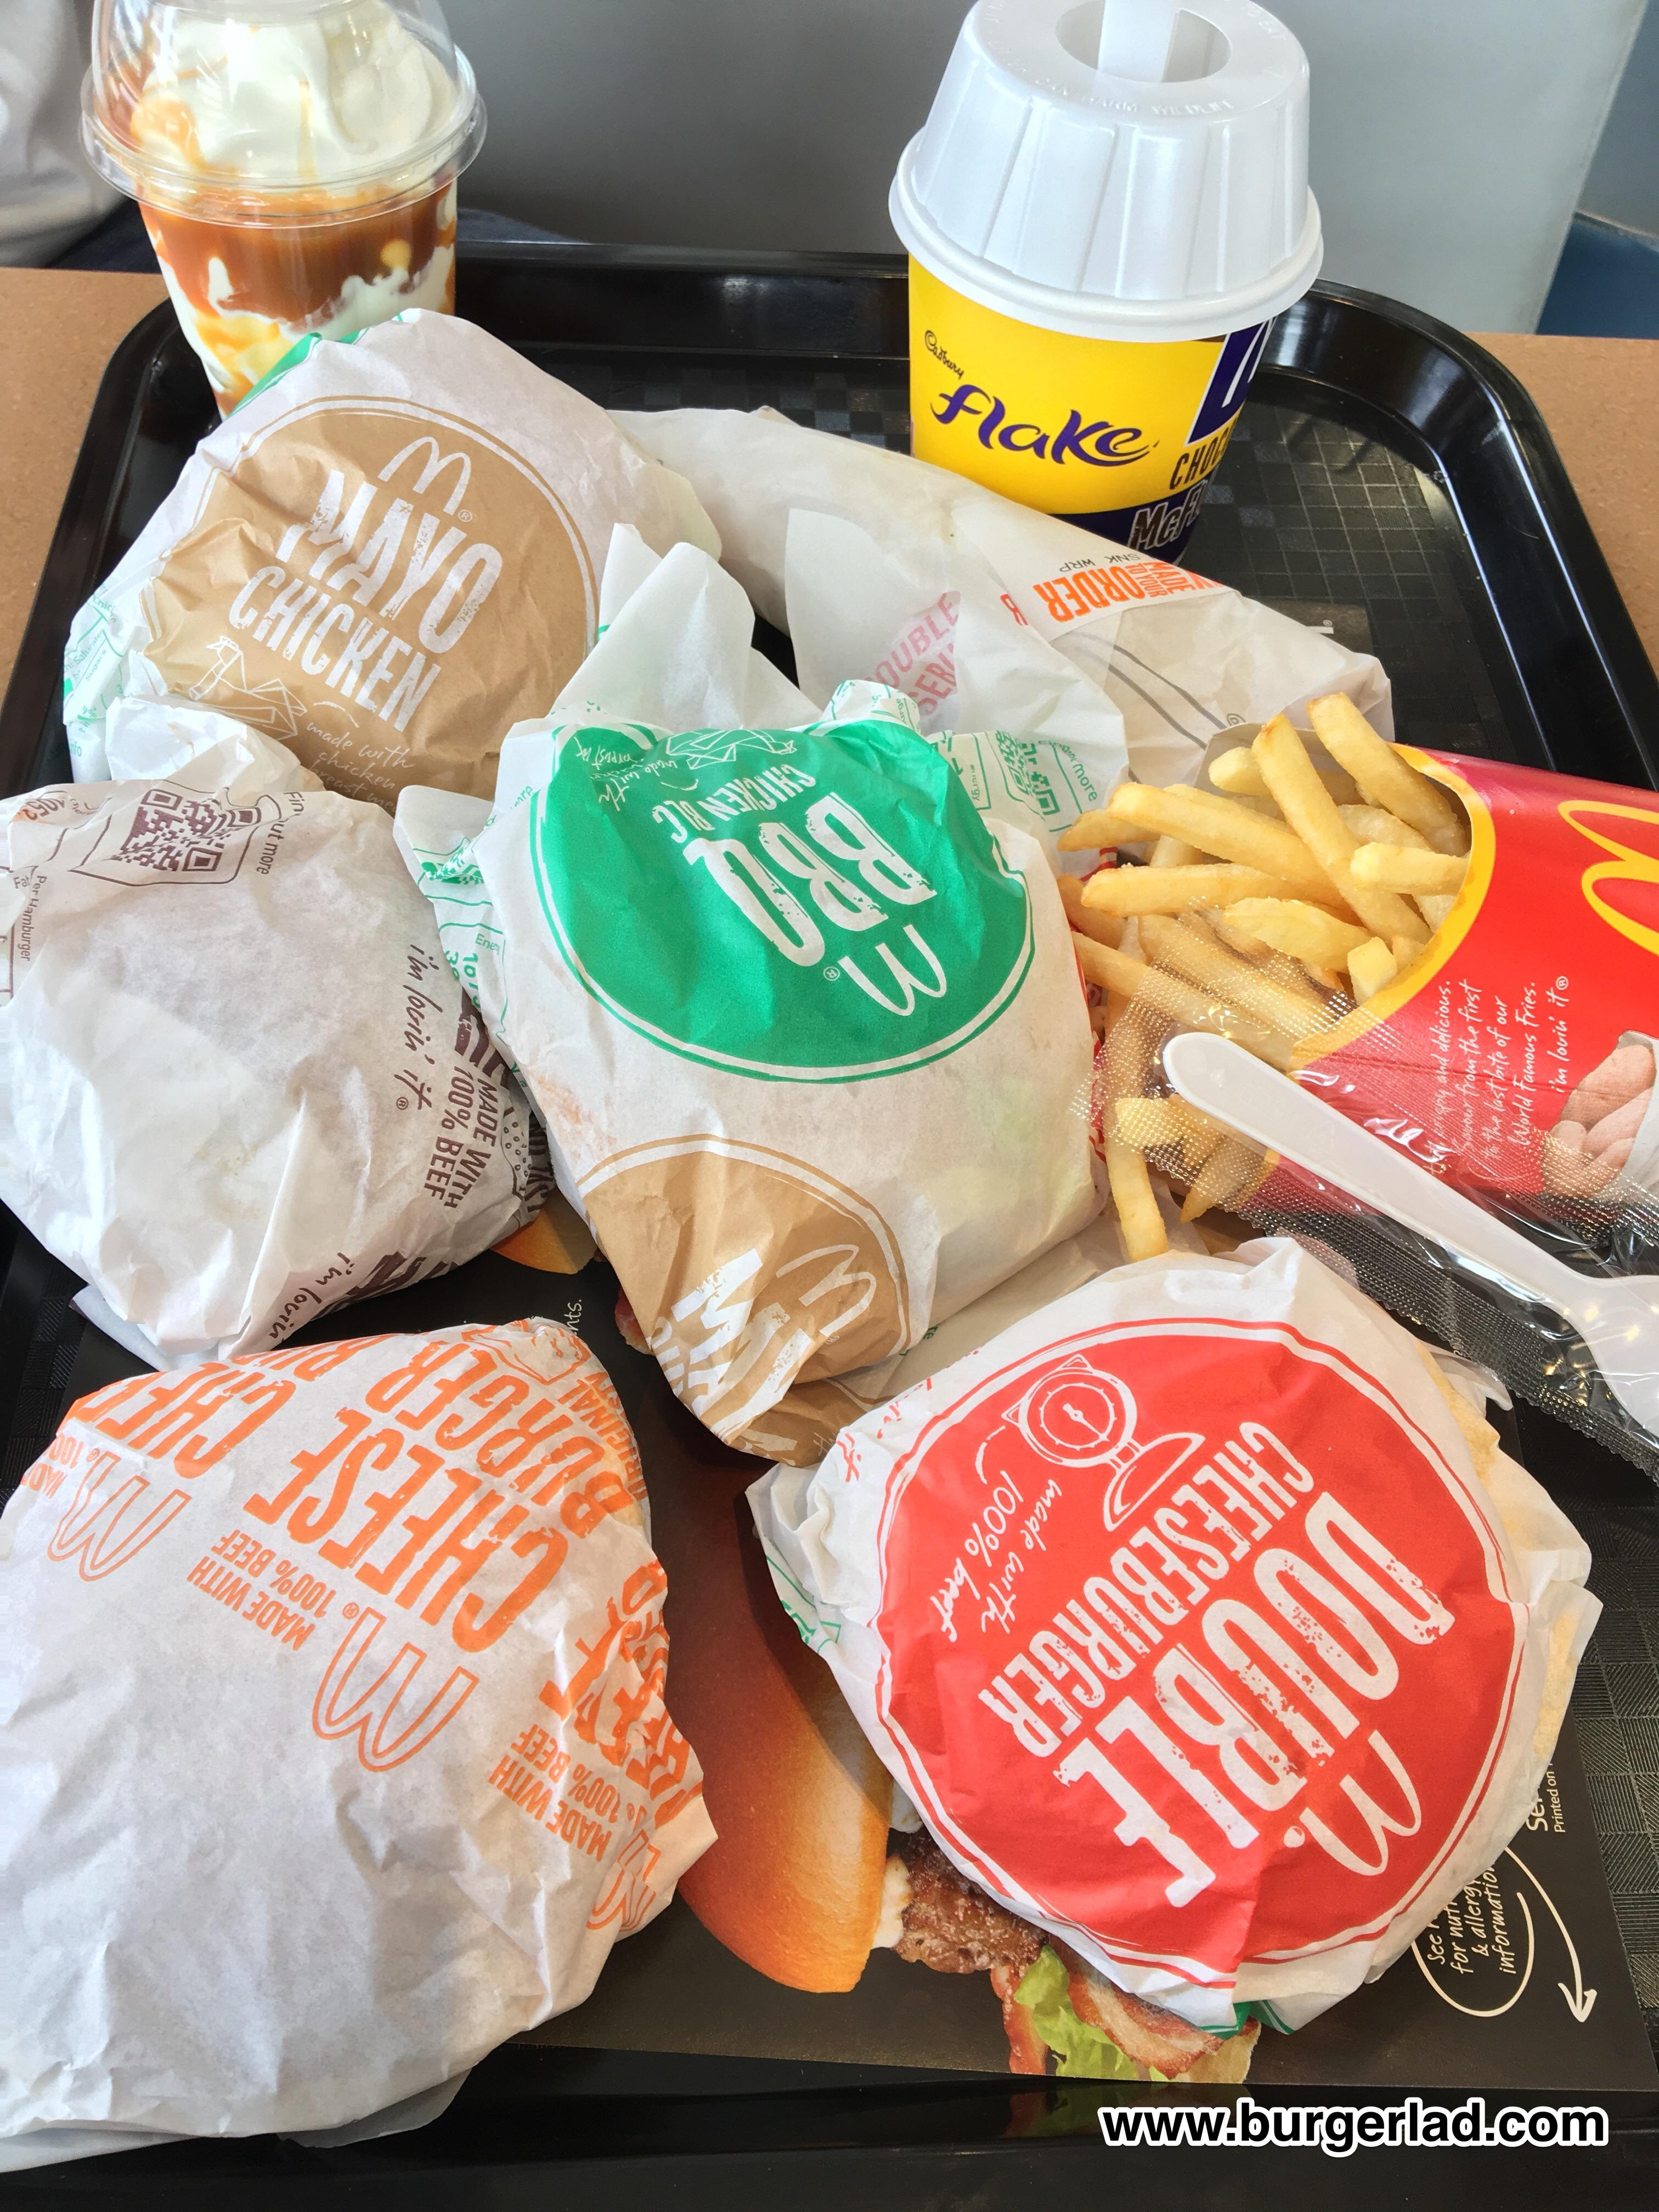 McDonald's Saver Menu